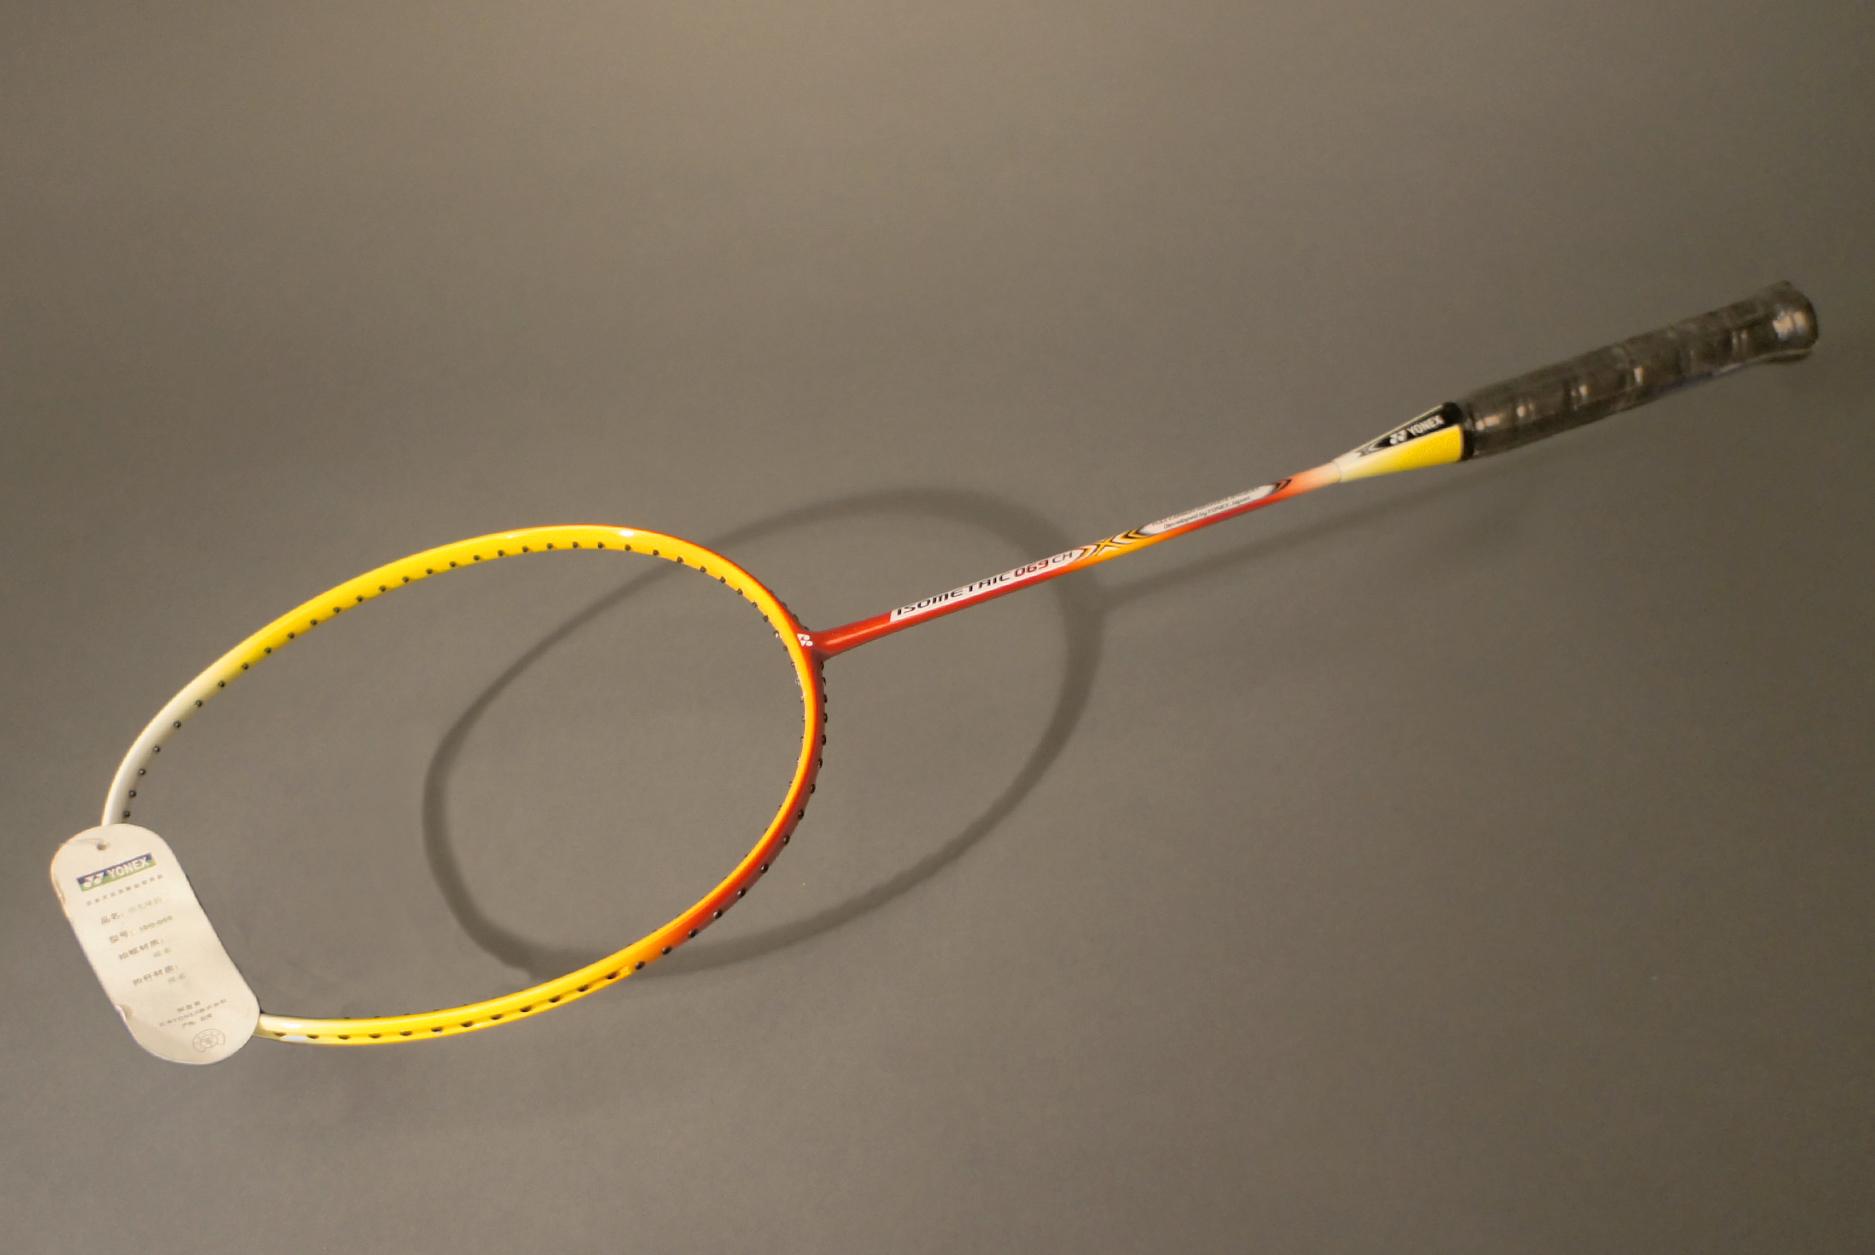 Ракетка для бадминтона Yonex Isometric 69